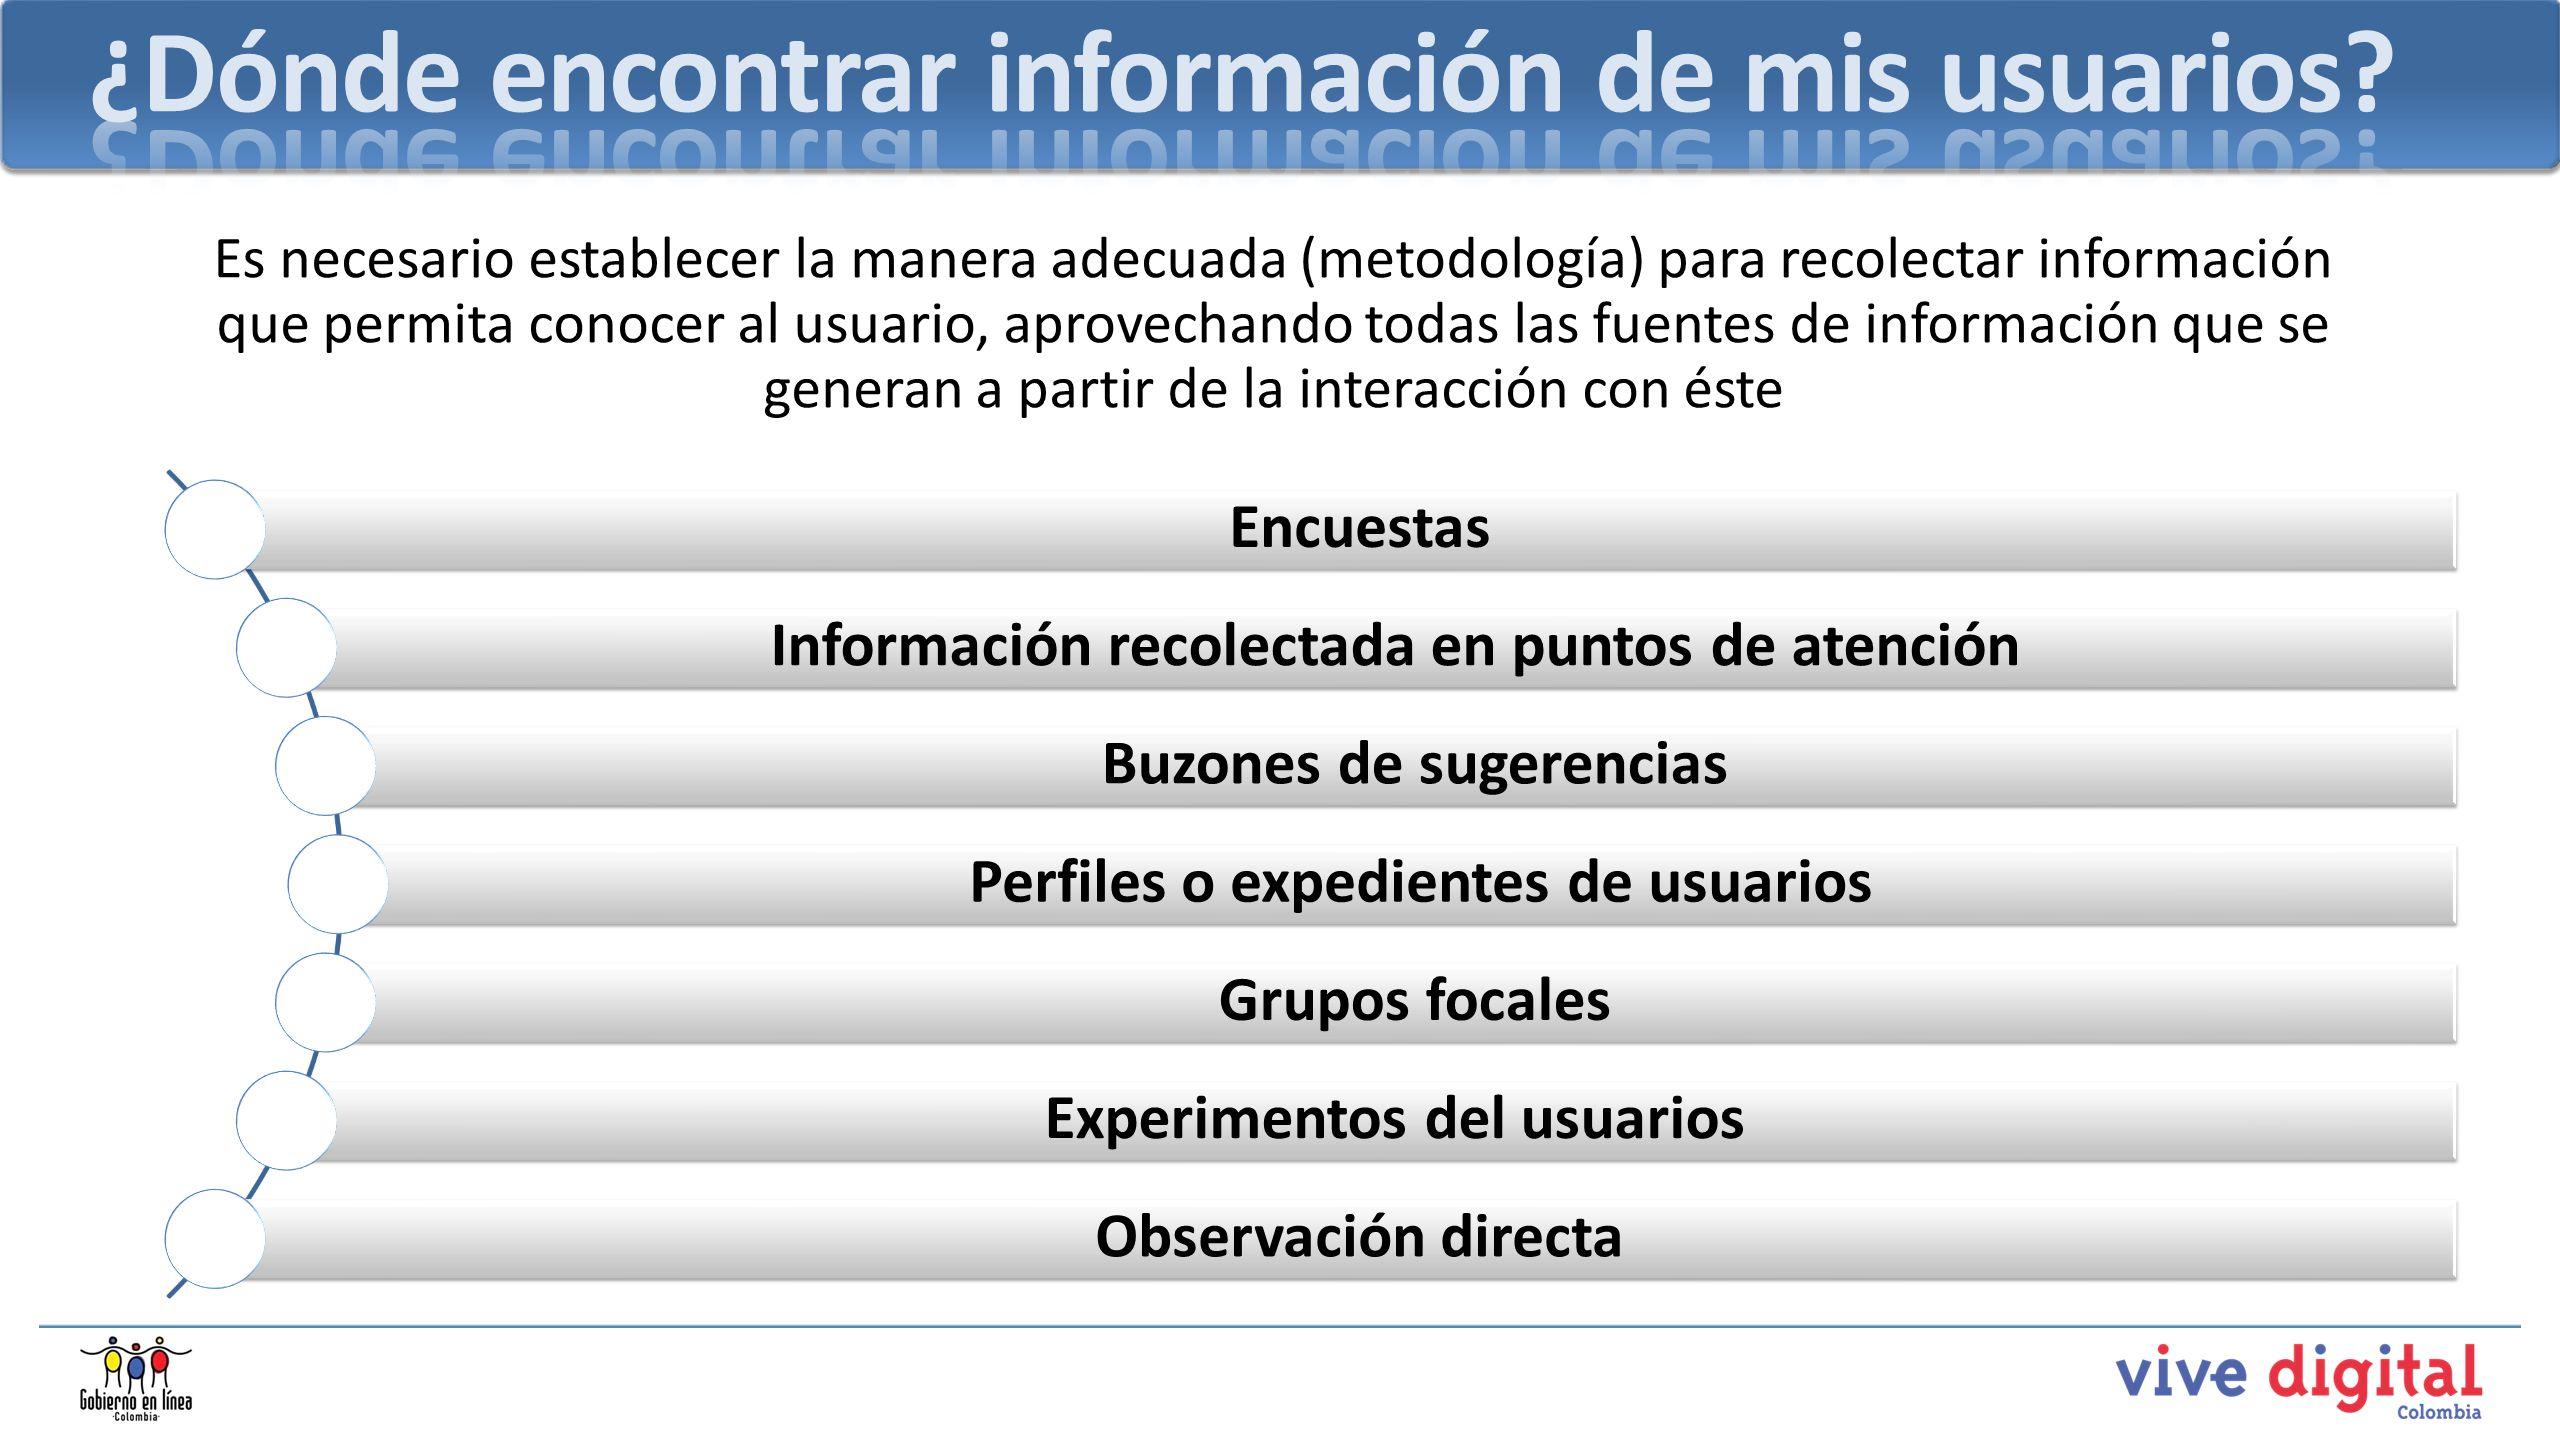 ¿Dónde encontrar información de mis usuarios